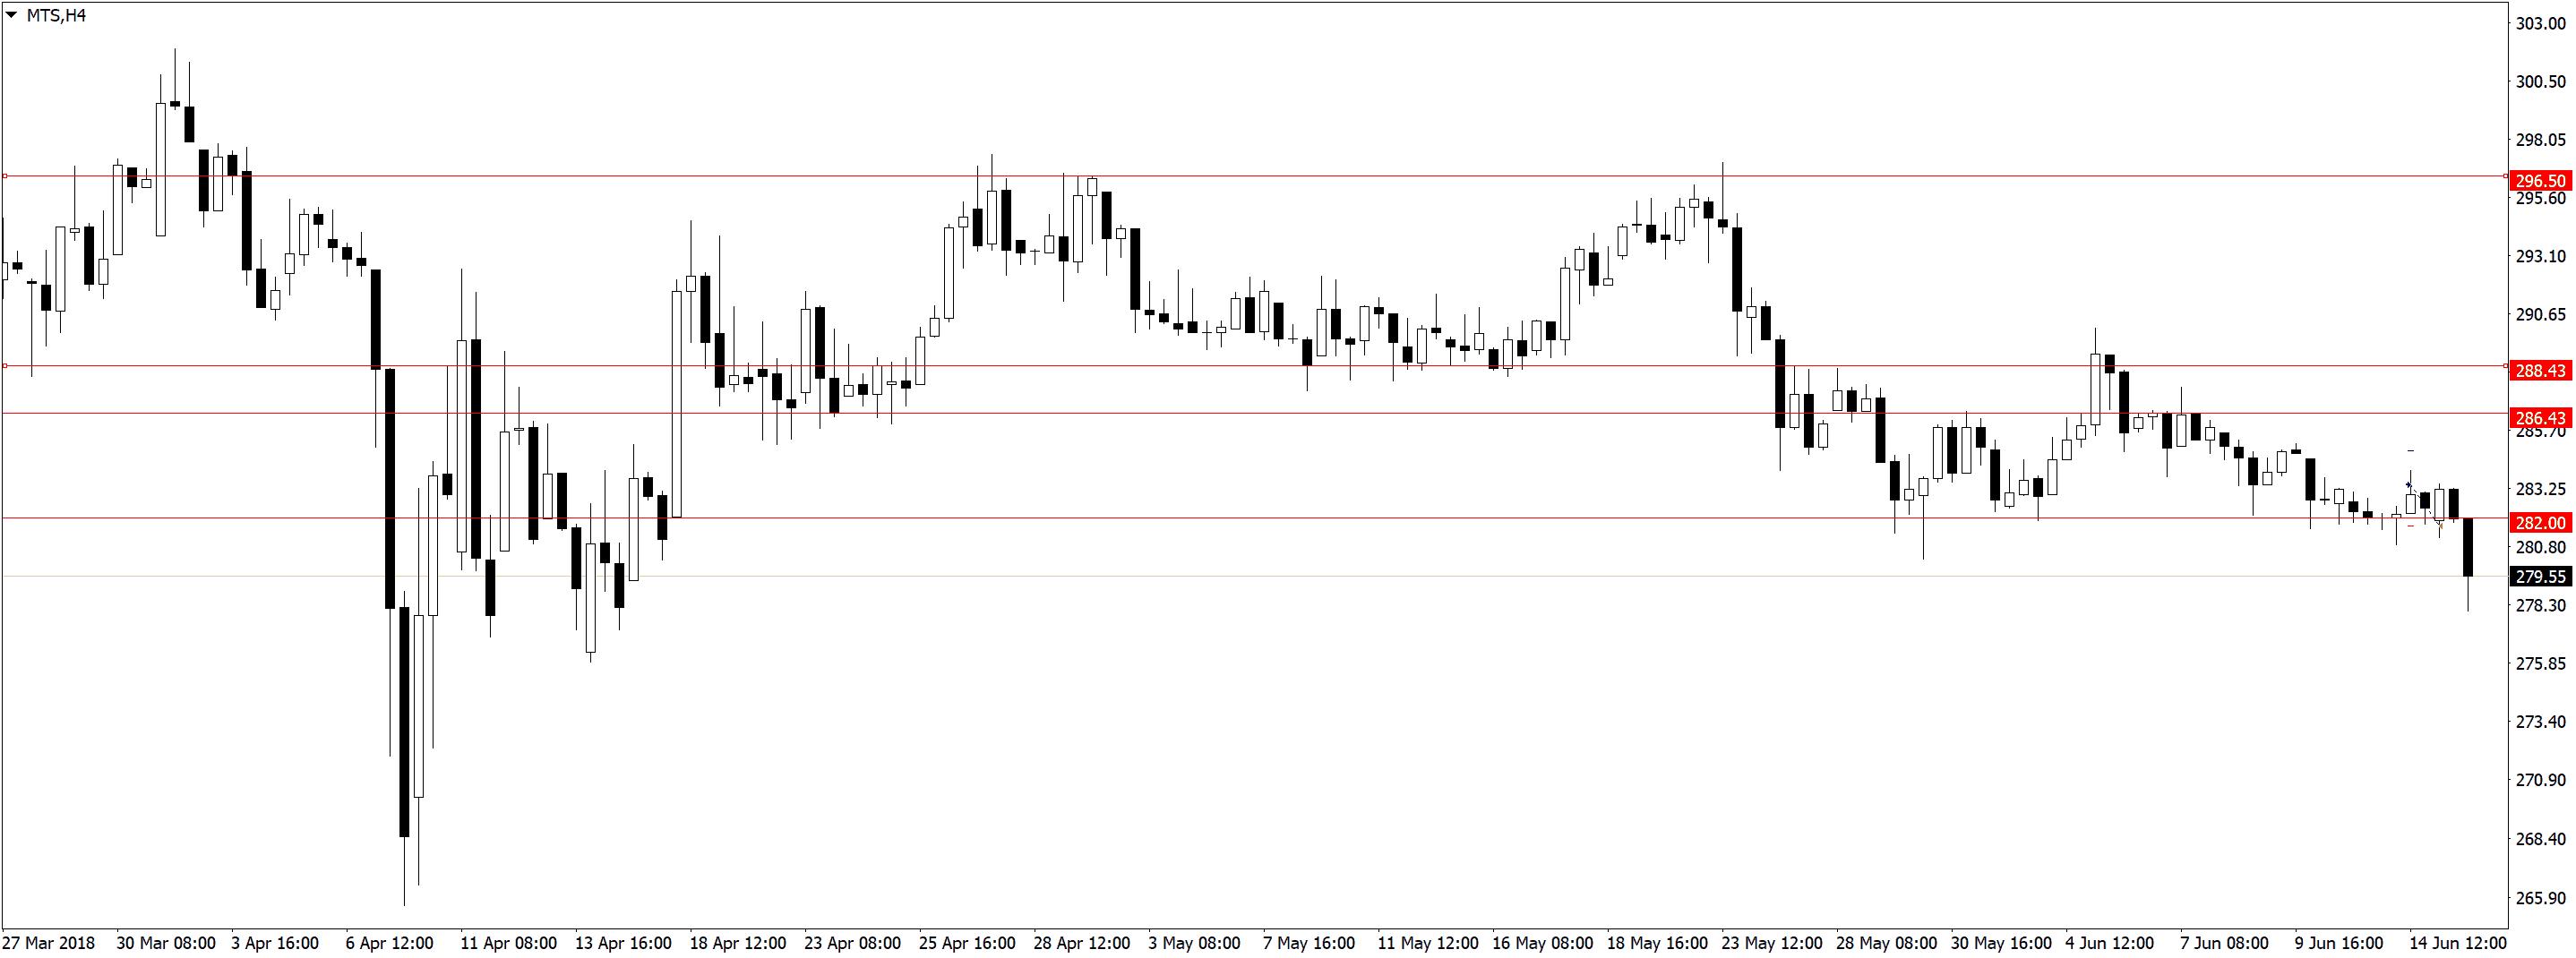 MTSH4 Усталость от трейдинга, торговля акций, переторговка